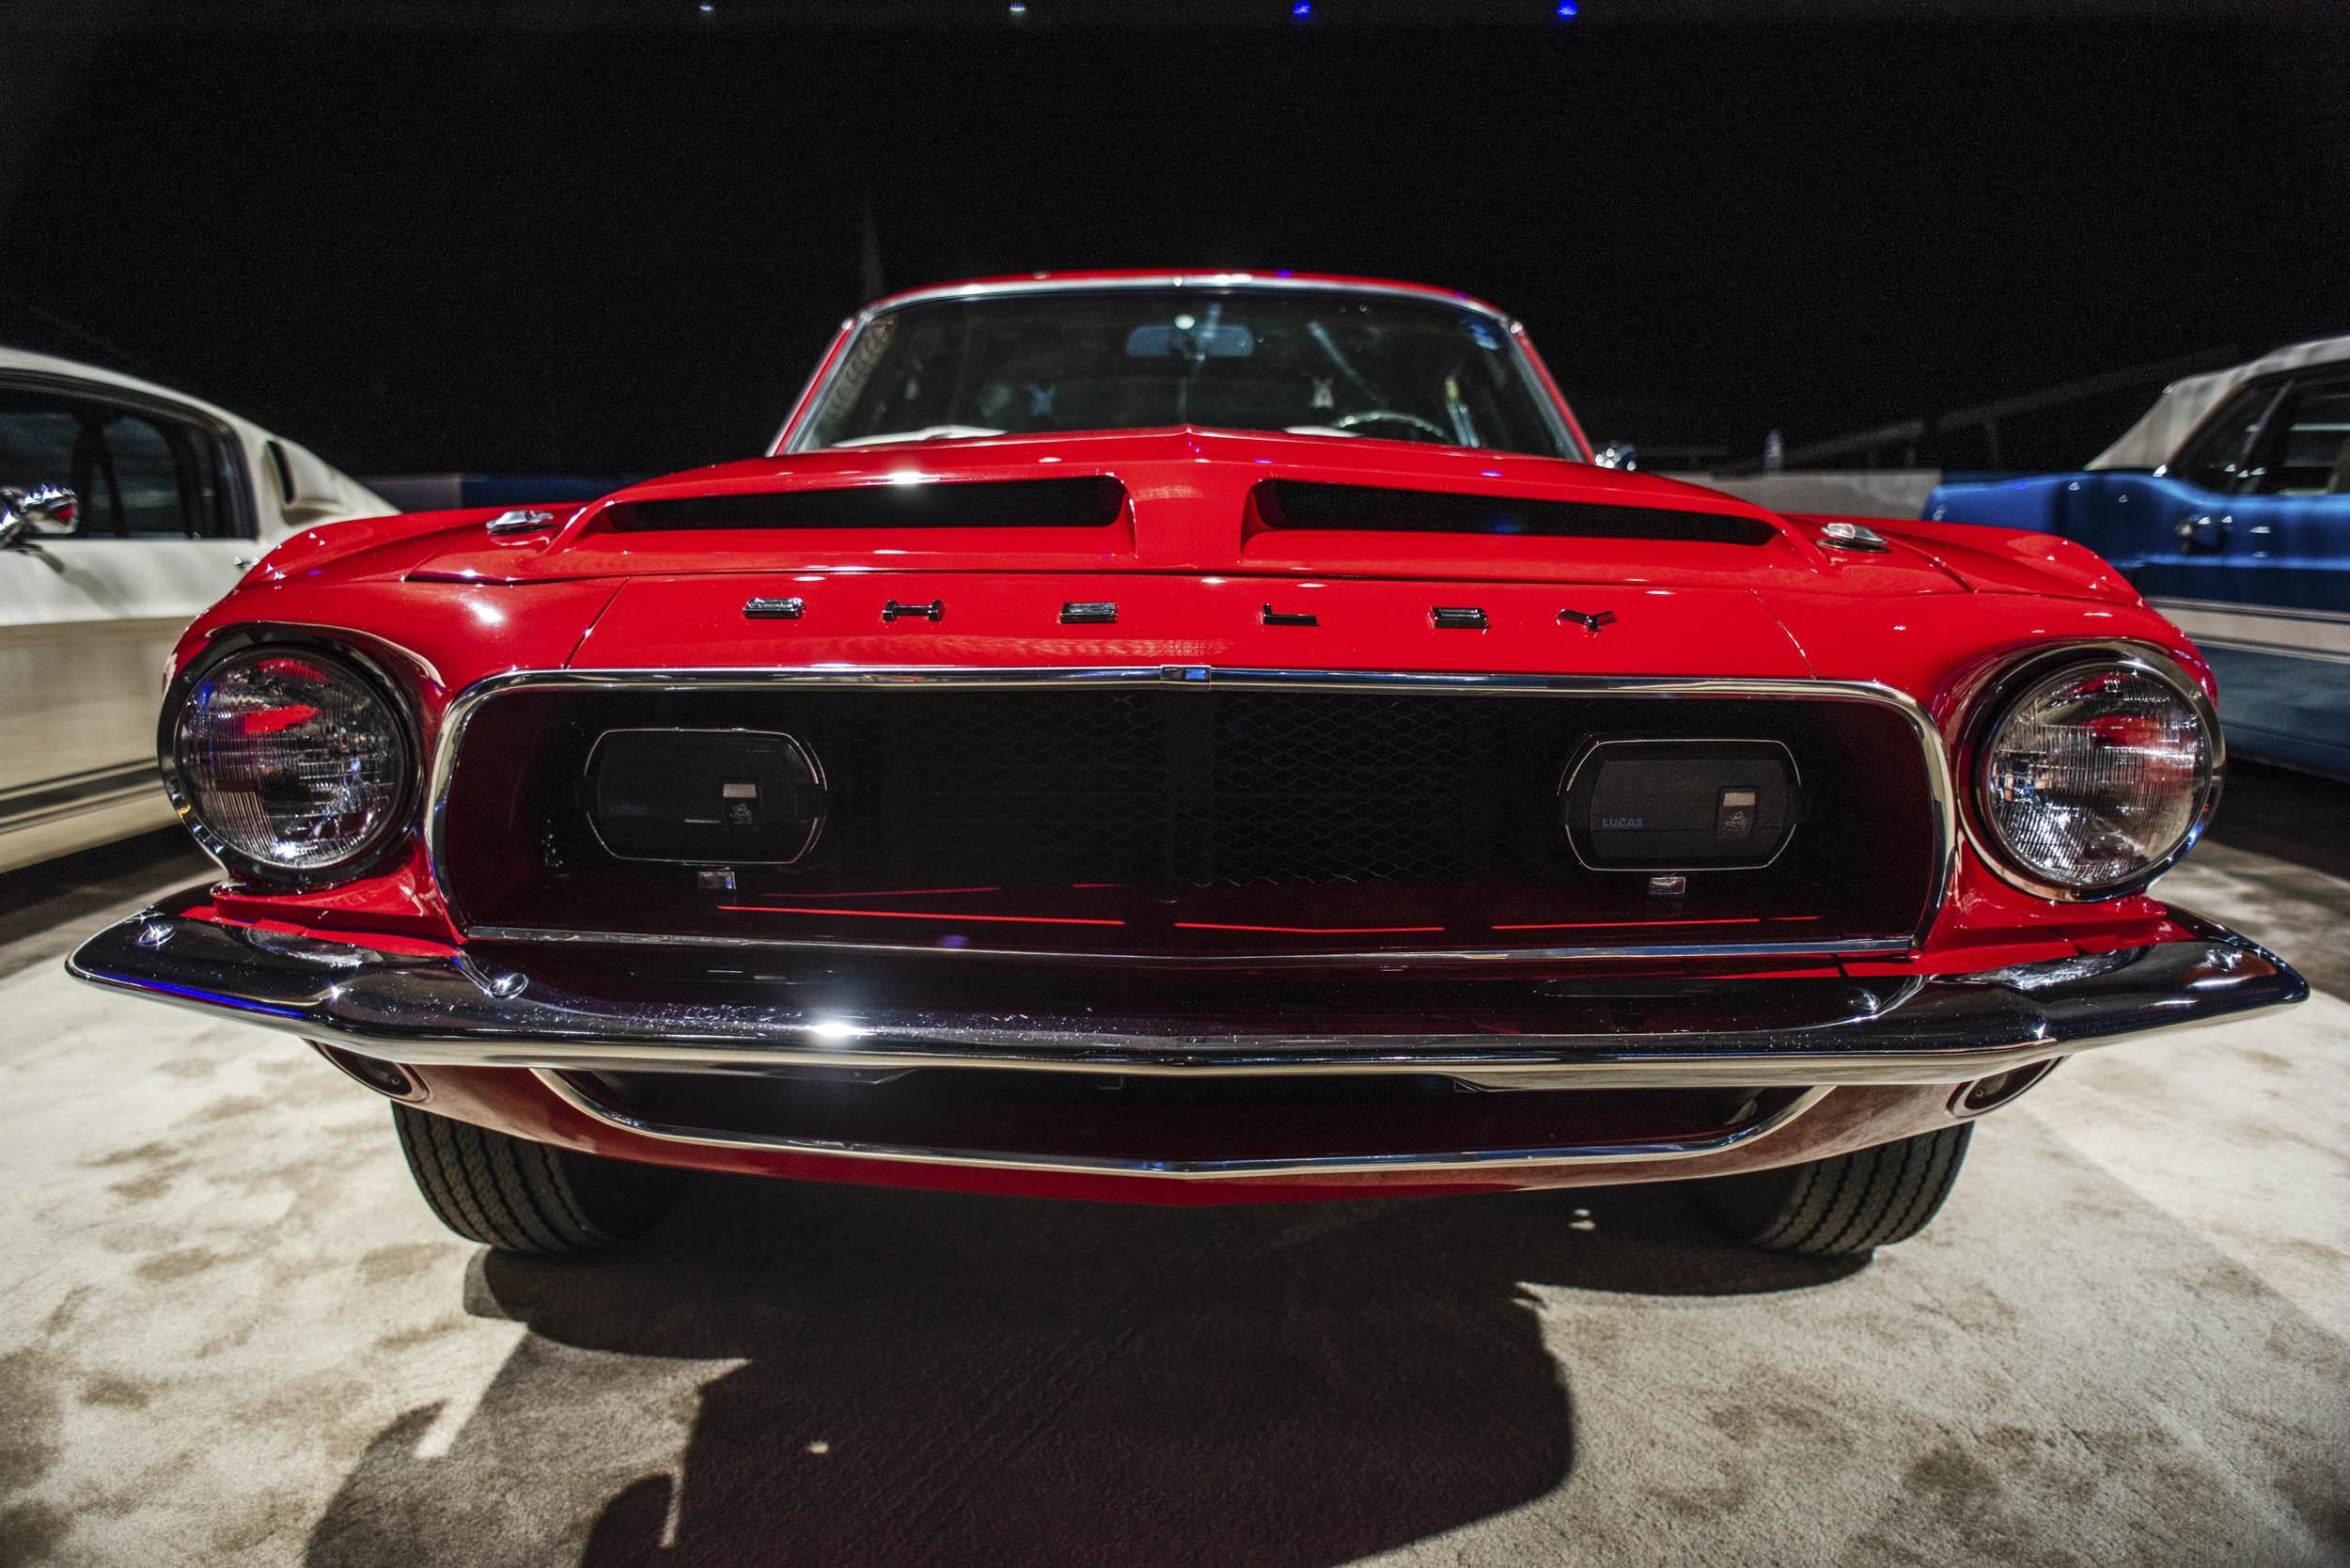 Red Vintage GT500 front